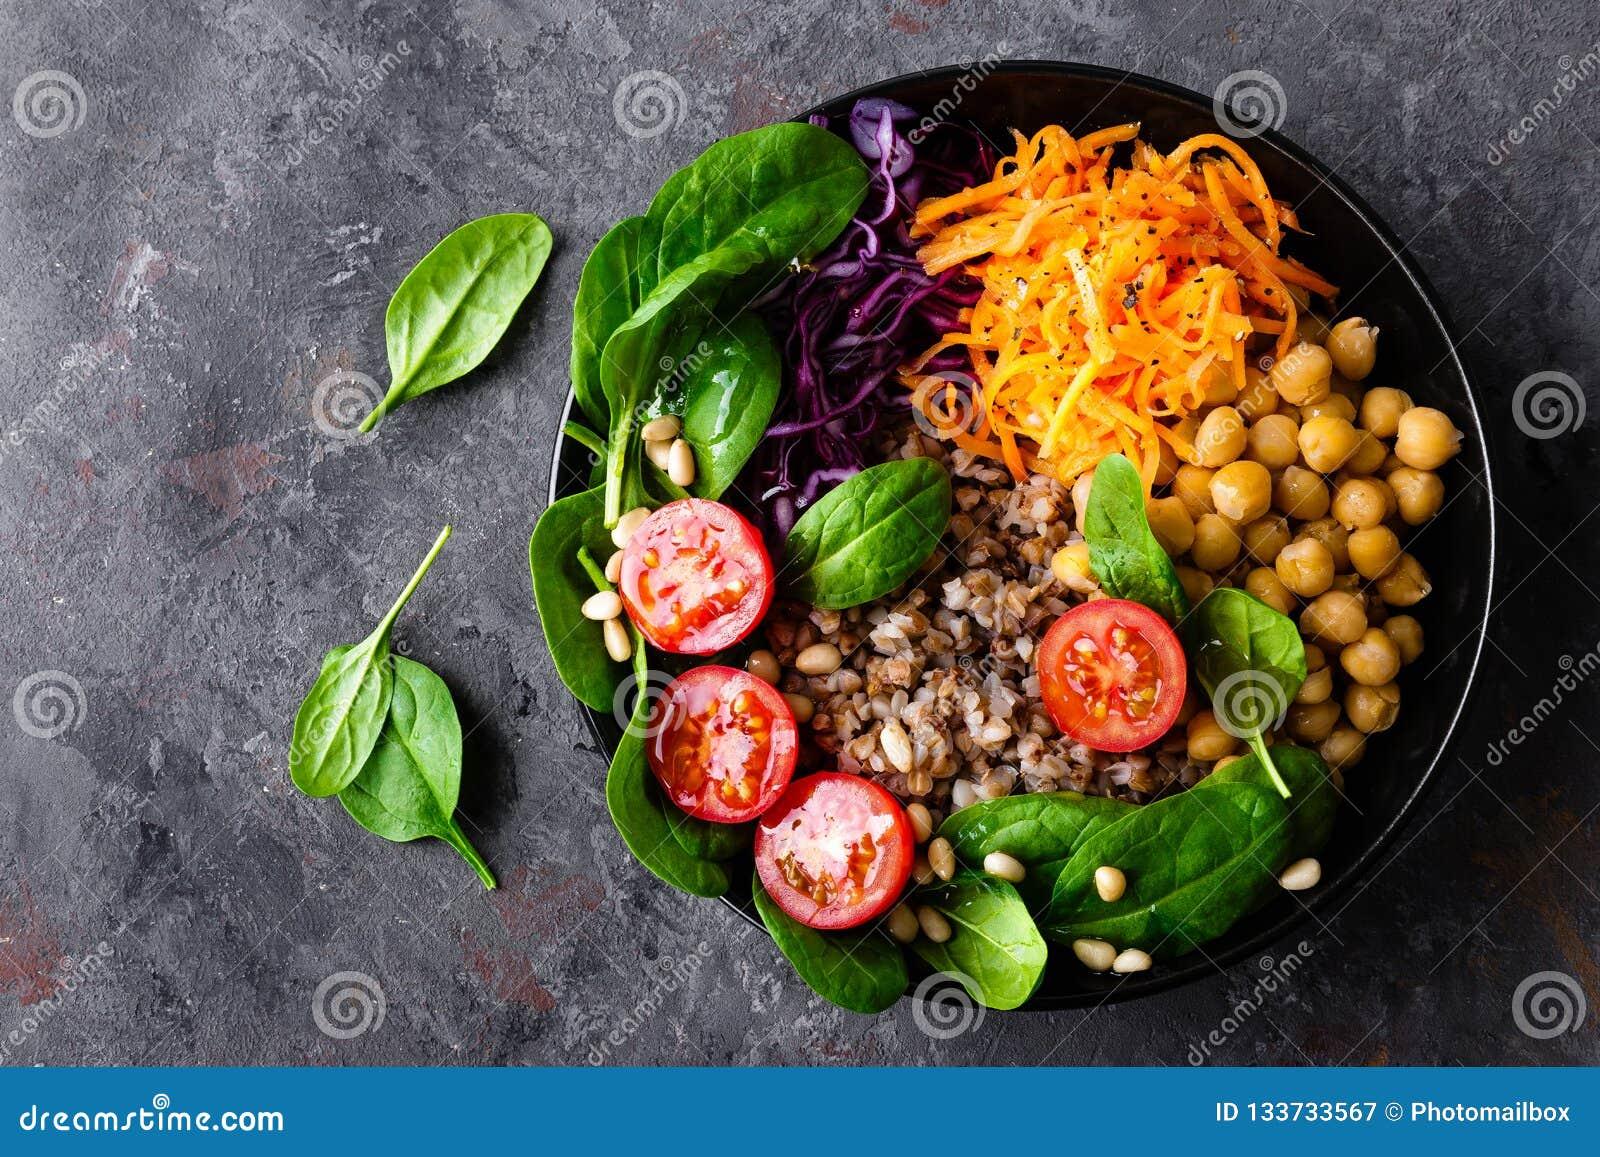 健康蔬菜菜肴用荞麦和鸡豆、无头甘蓝、红萝卜、新鲜的蕃茄、菠菜叶子和松果菜沙拉